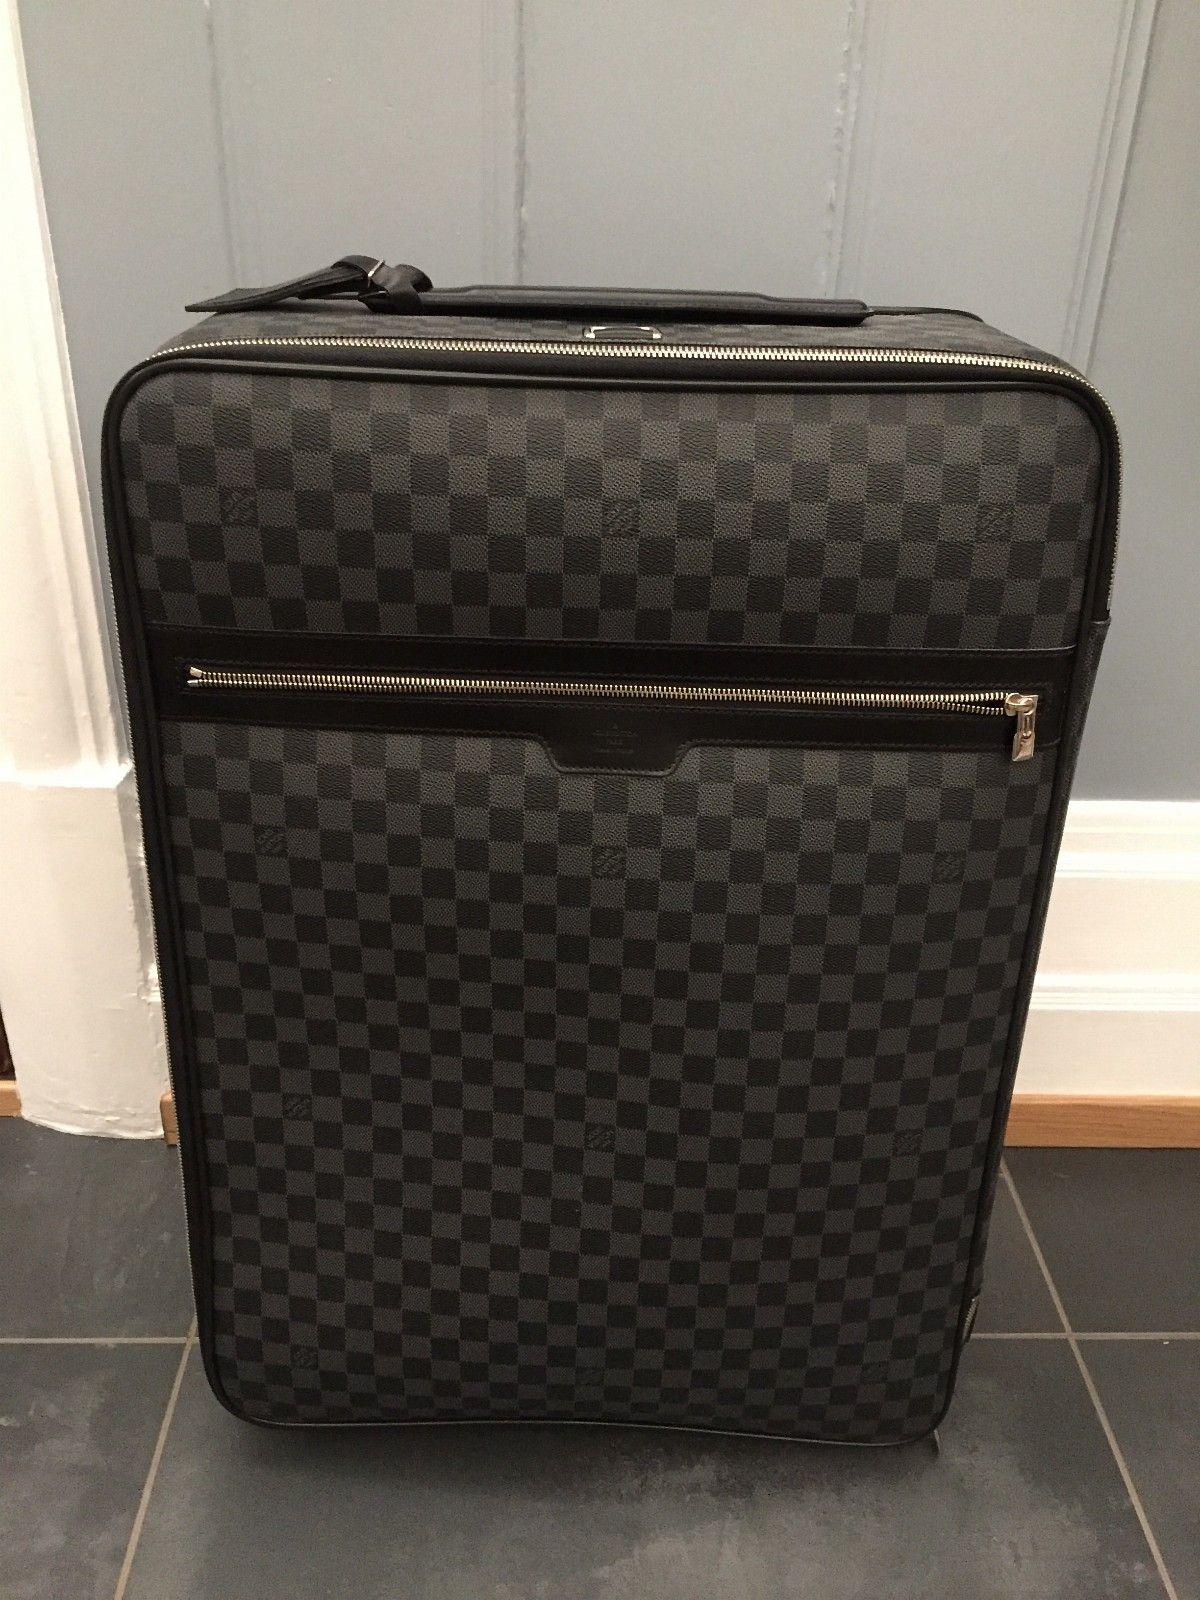 Uvanlig Limited release Louis Vuitton Koffert til salgs | FINN.no ZX-58